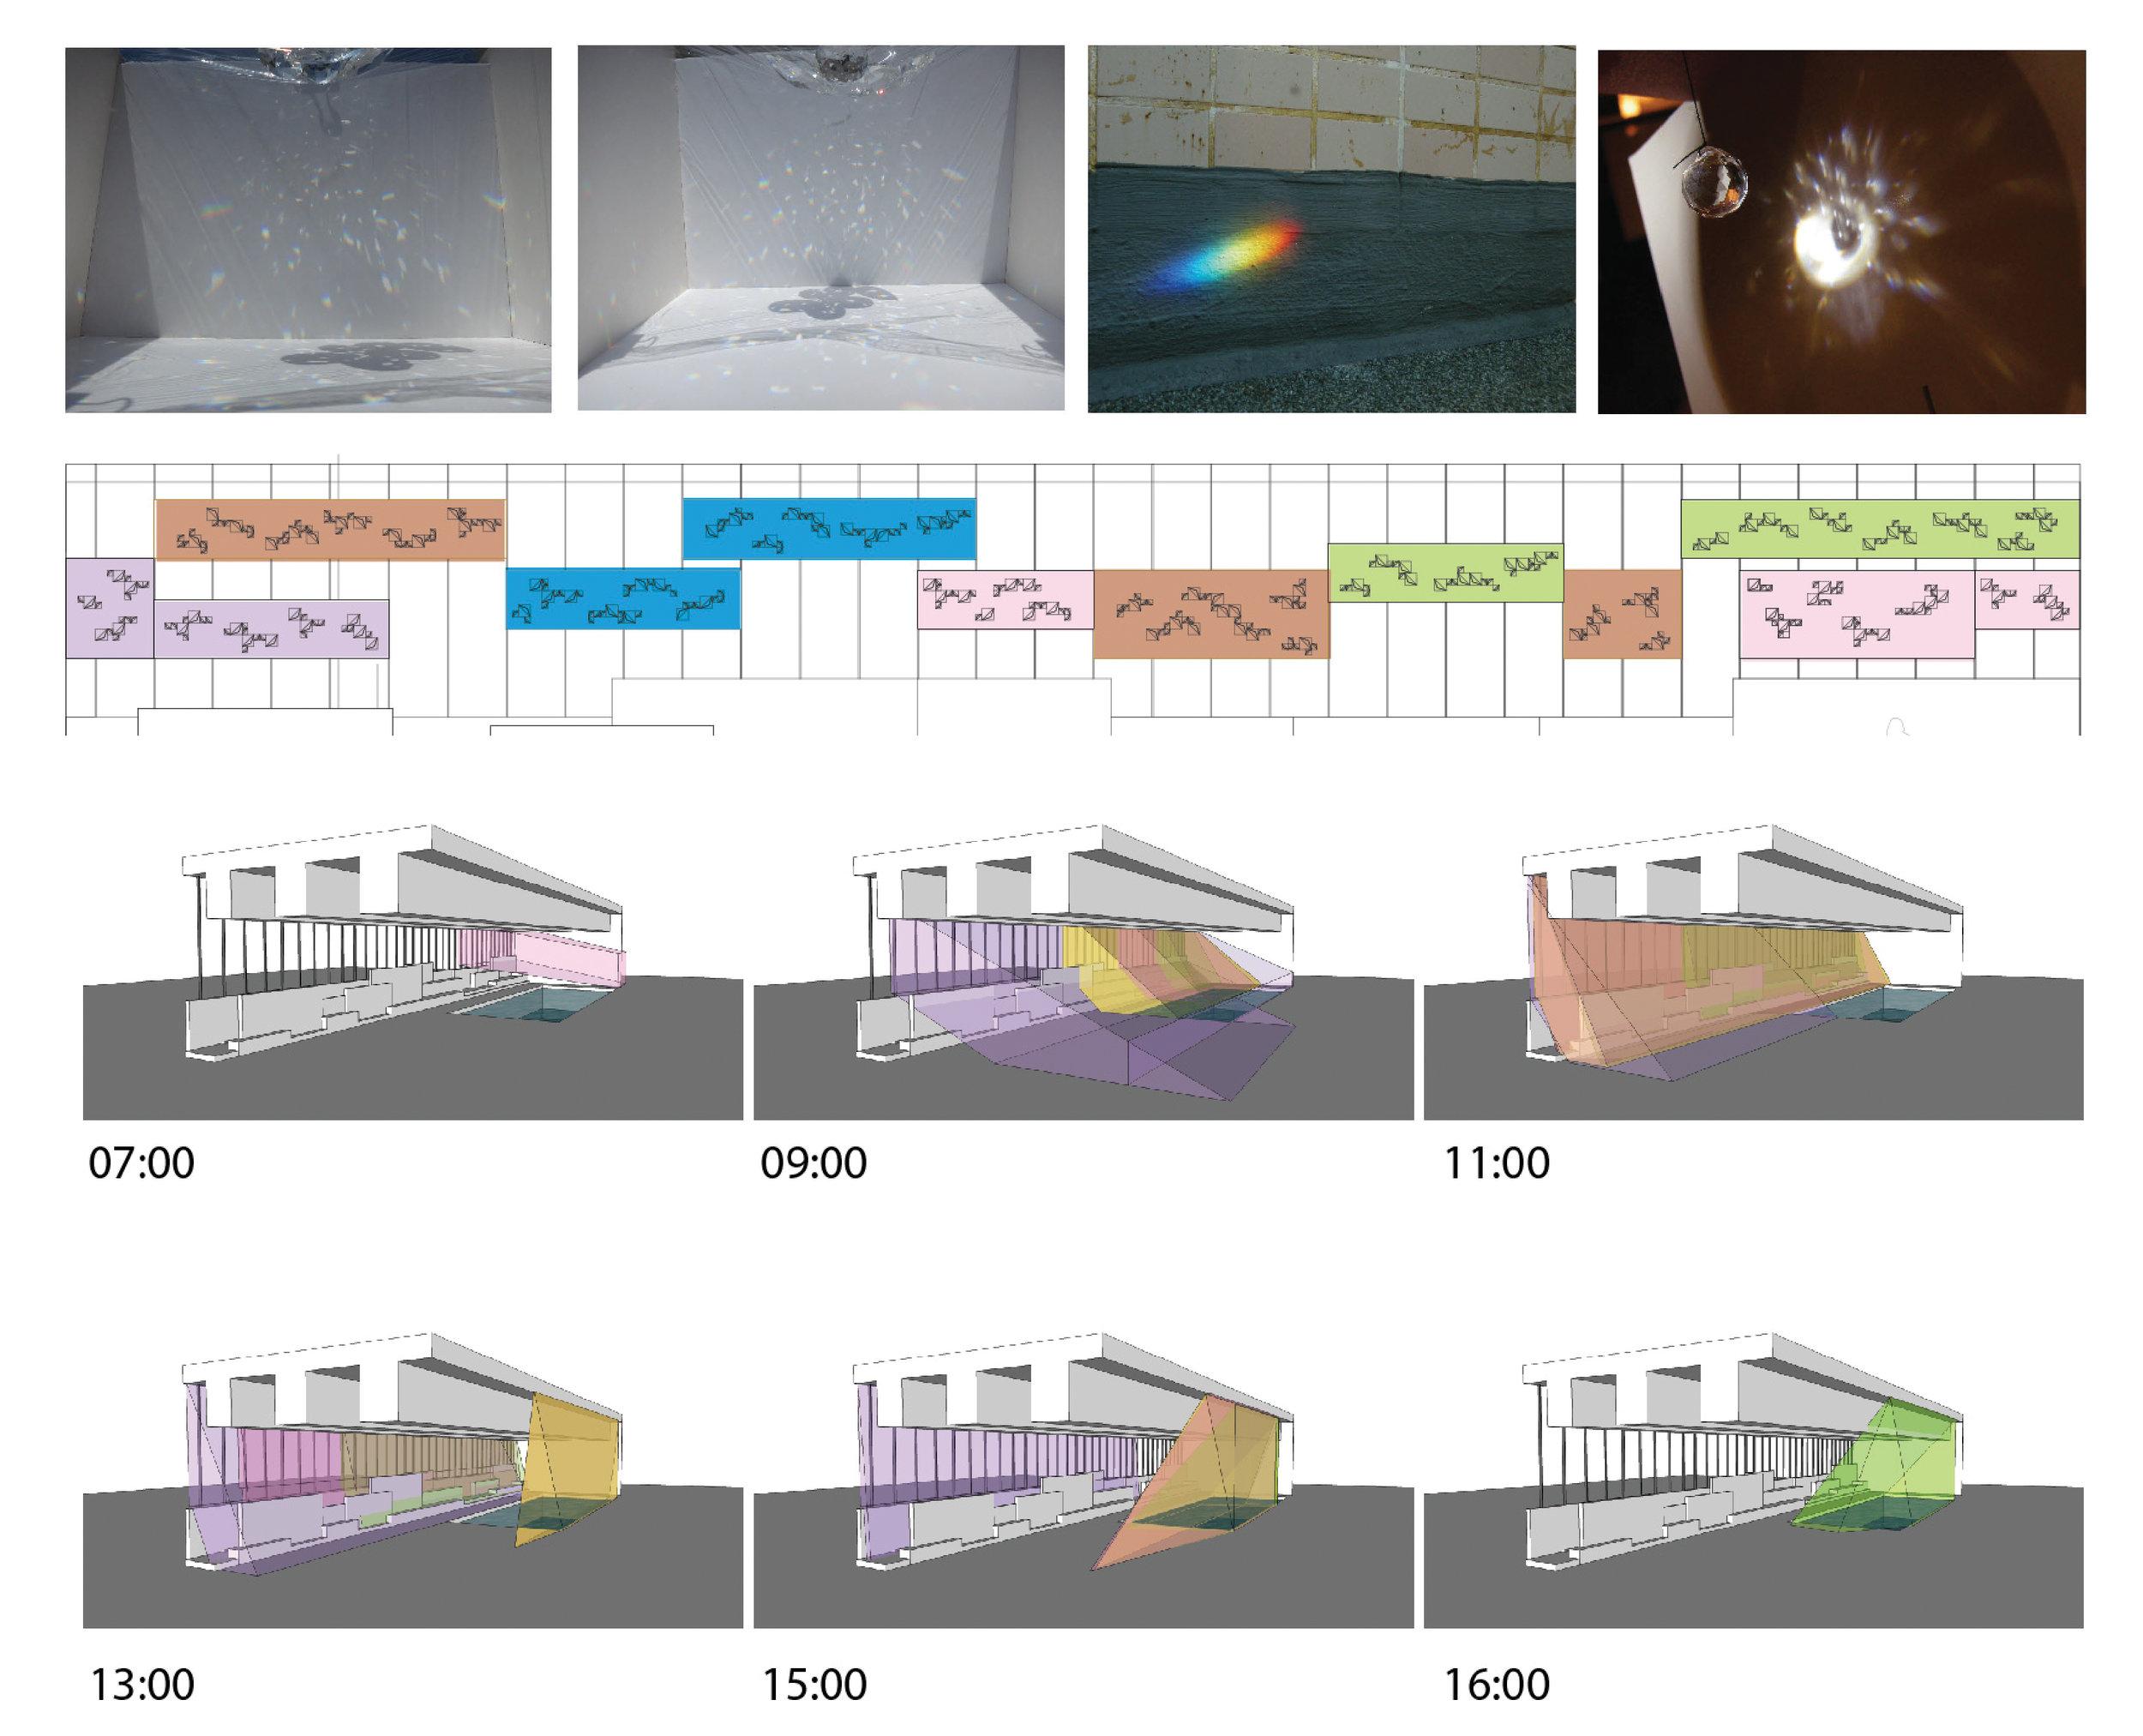 slides_images embed_rev2-03 copy.jpg